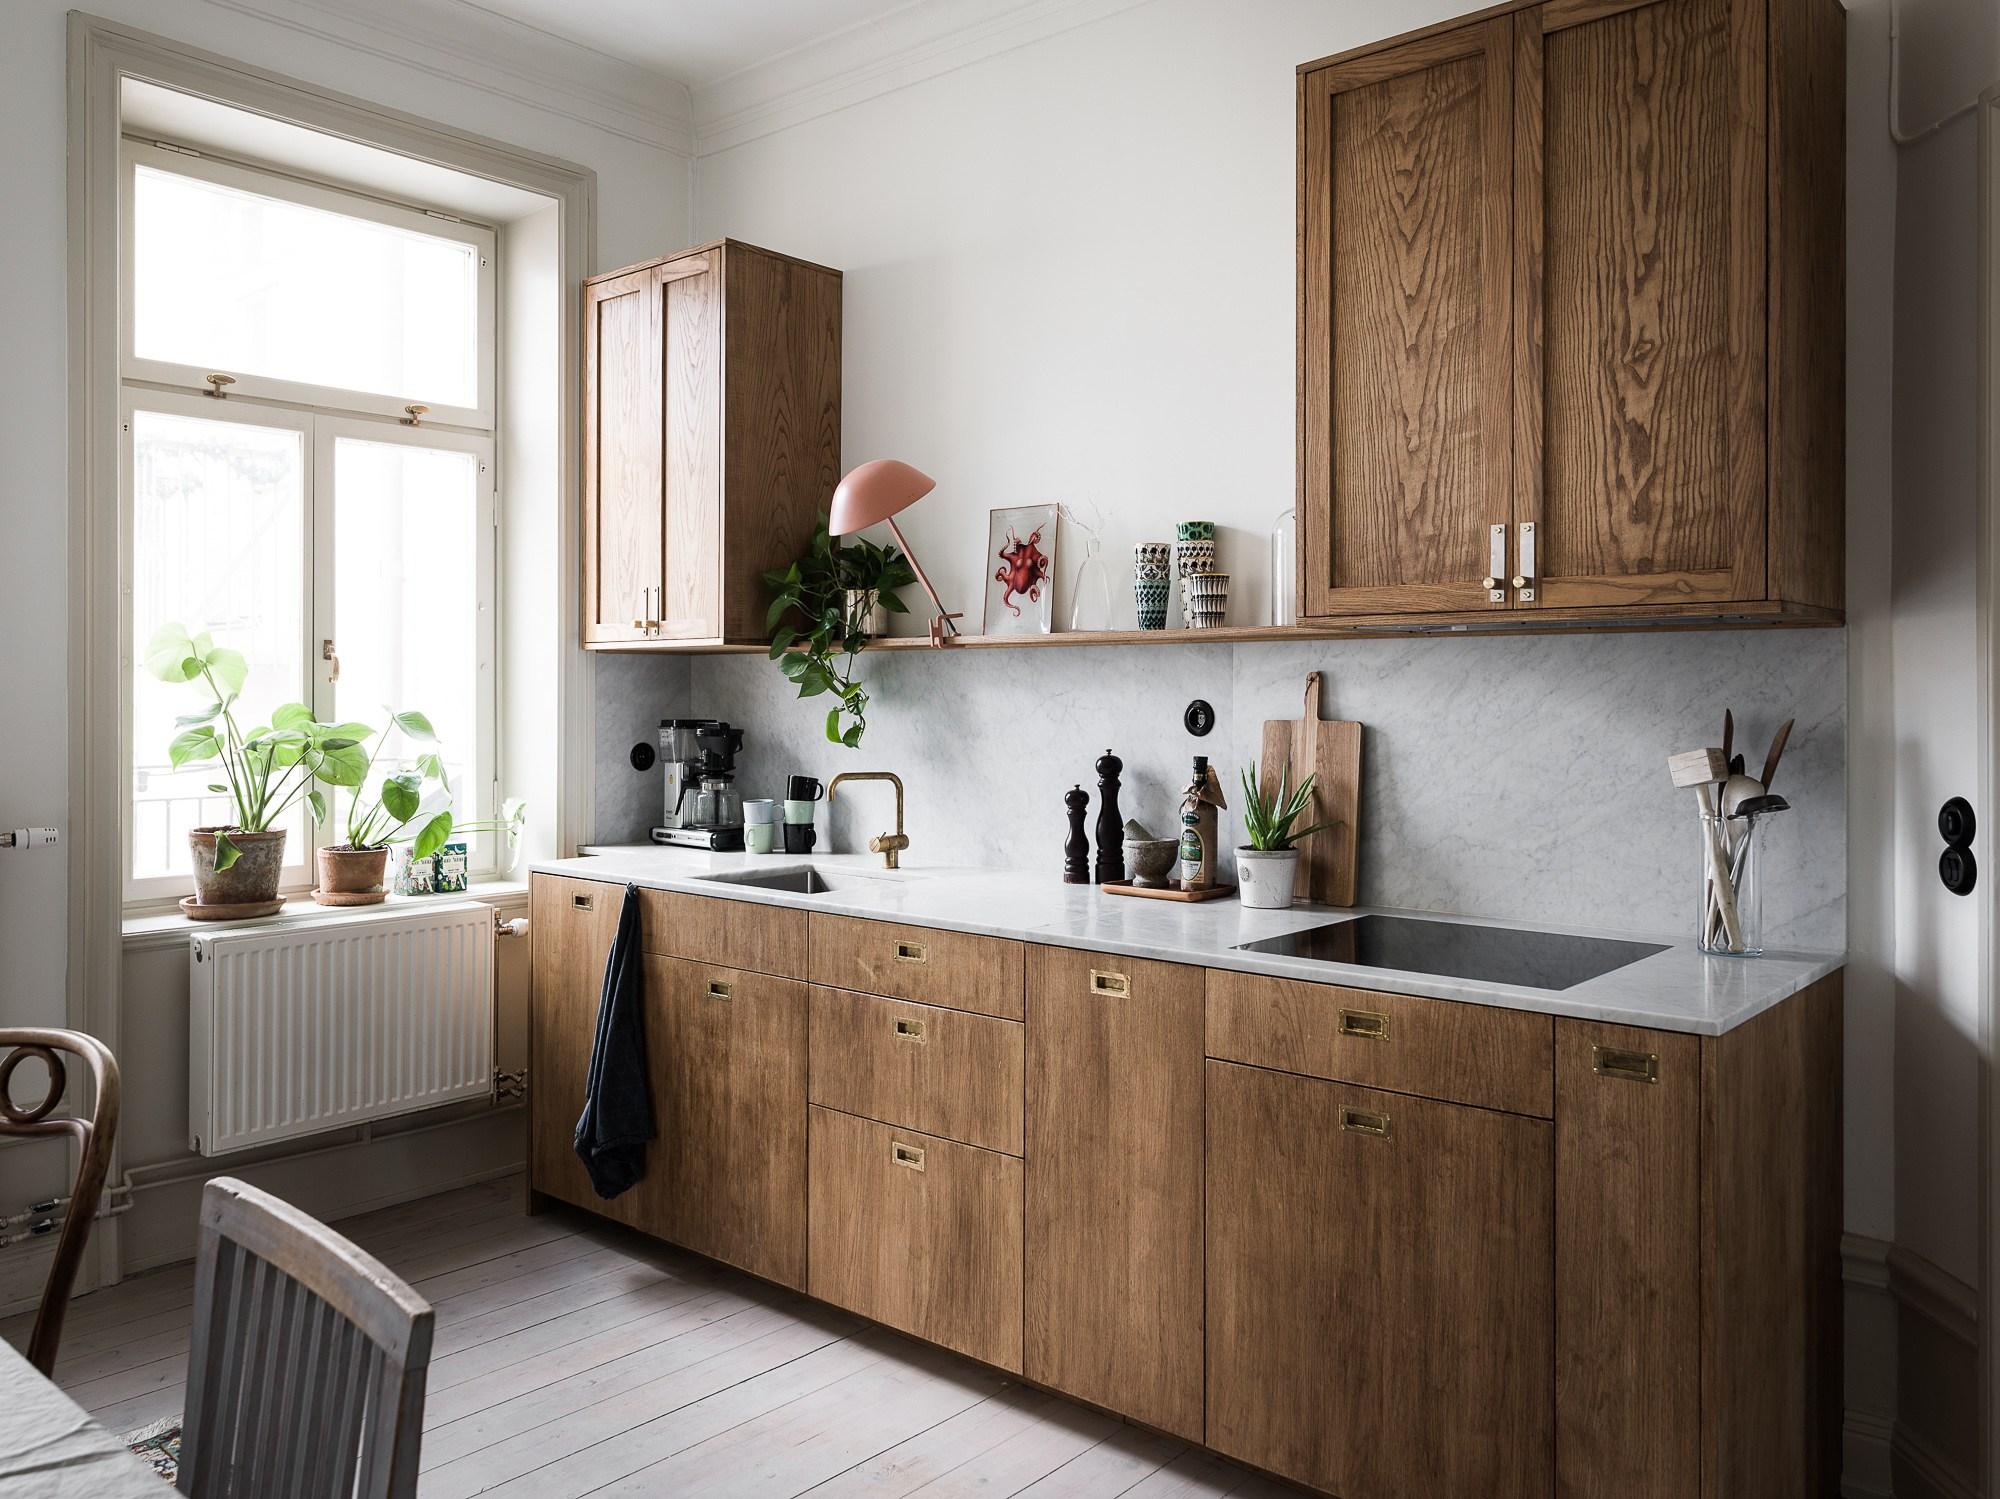 une cuisine en marbre et bois lili in wonderland